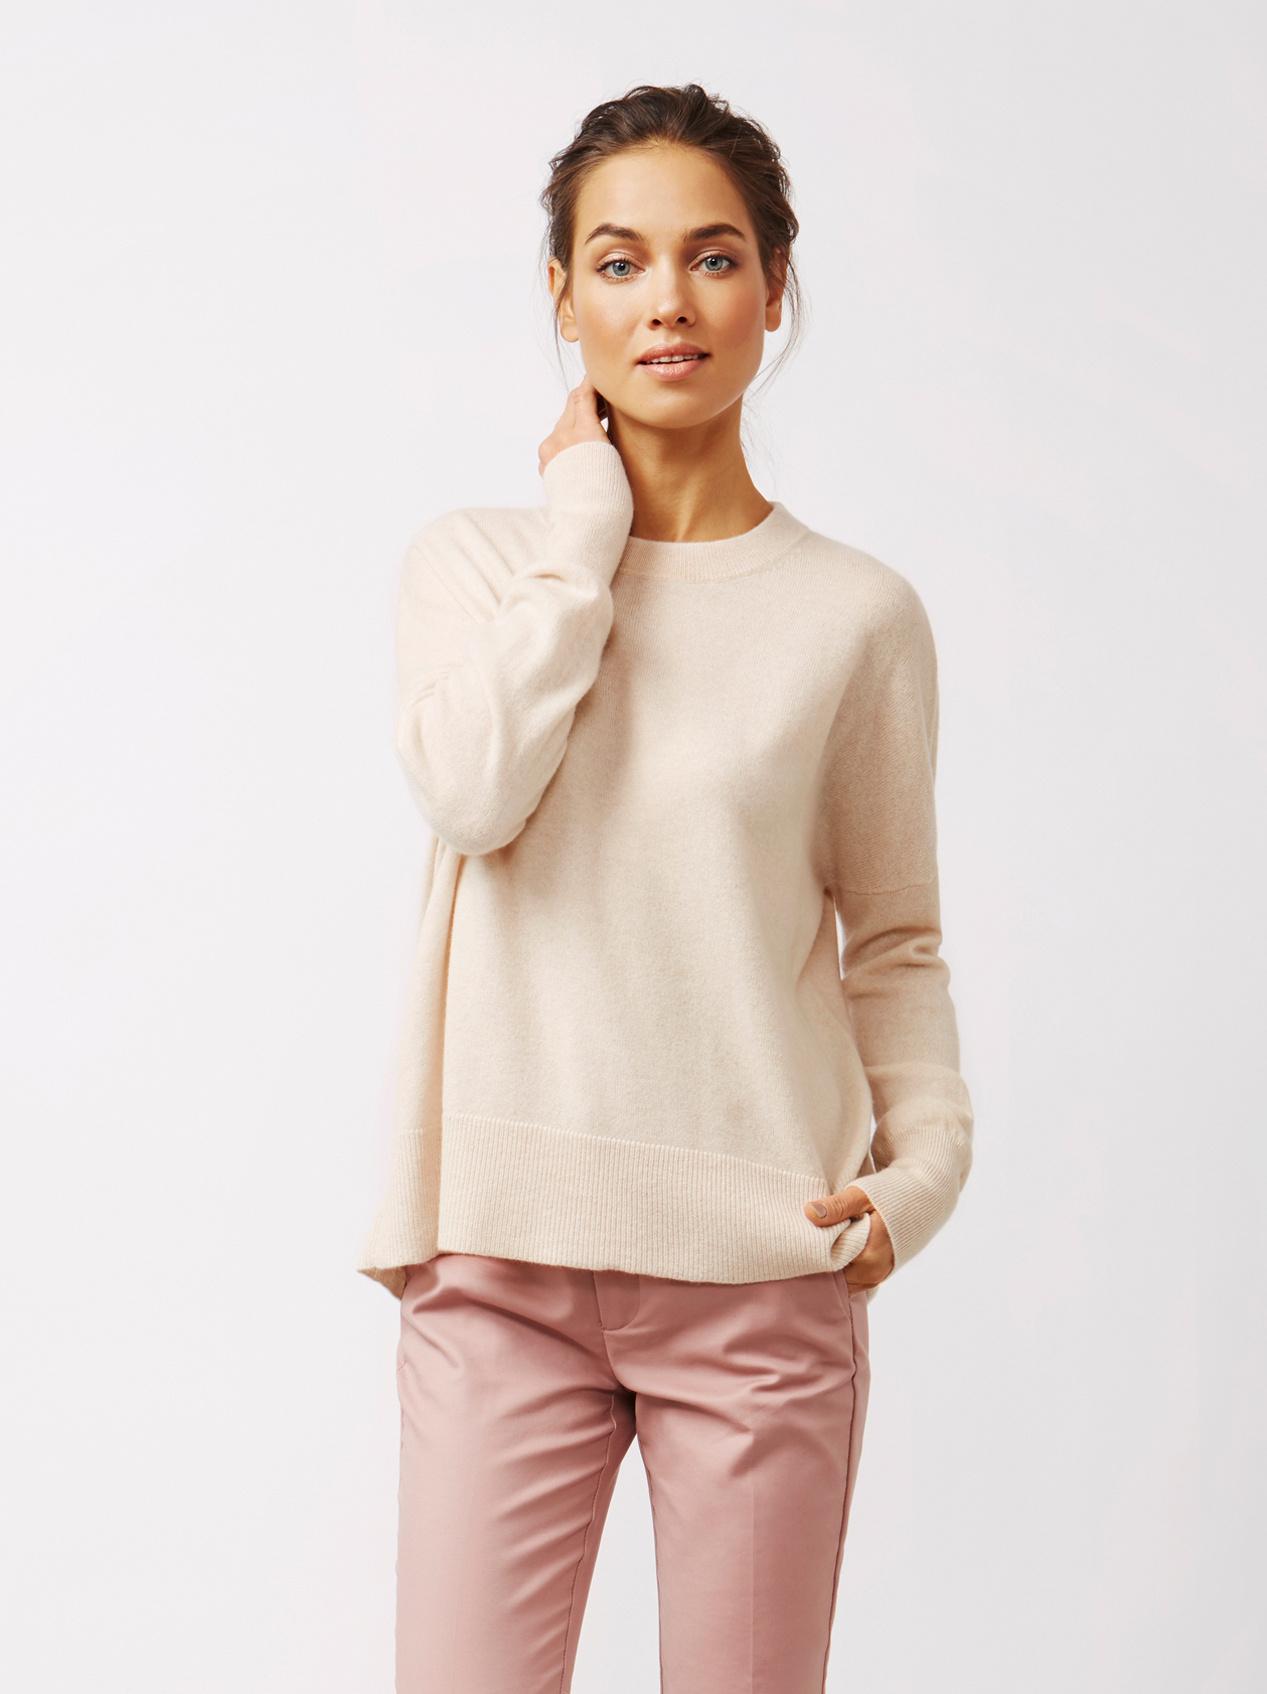 Soft Goat Women's Boyfriend Sweater Beige